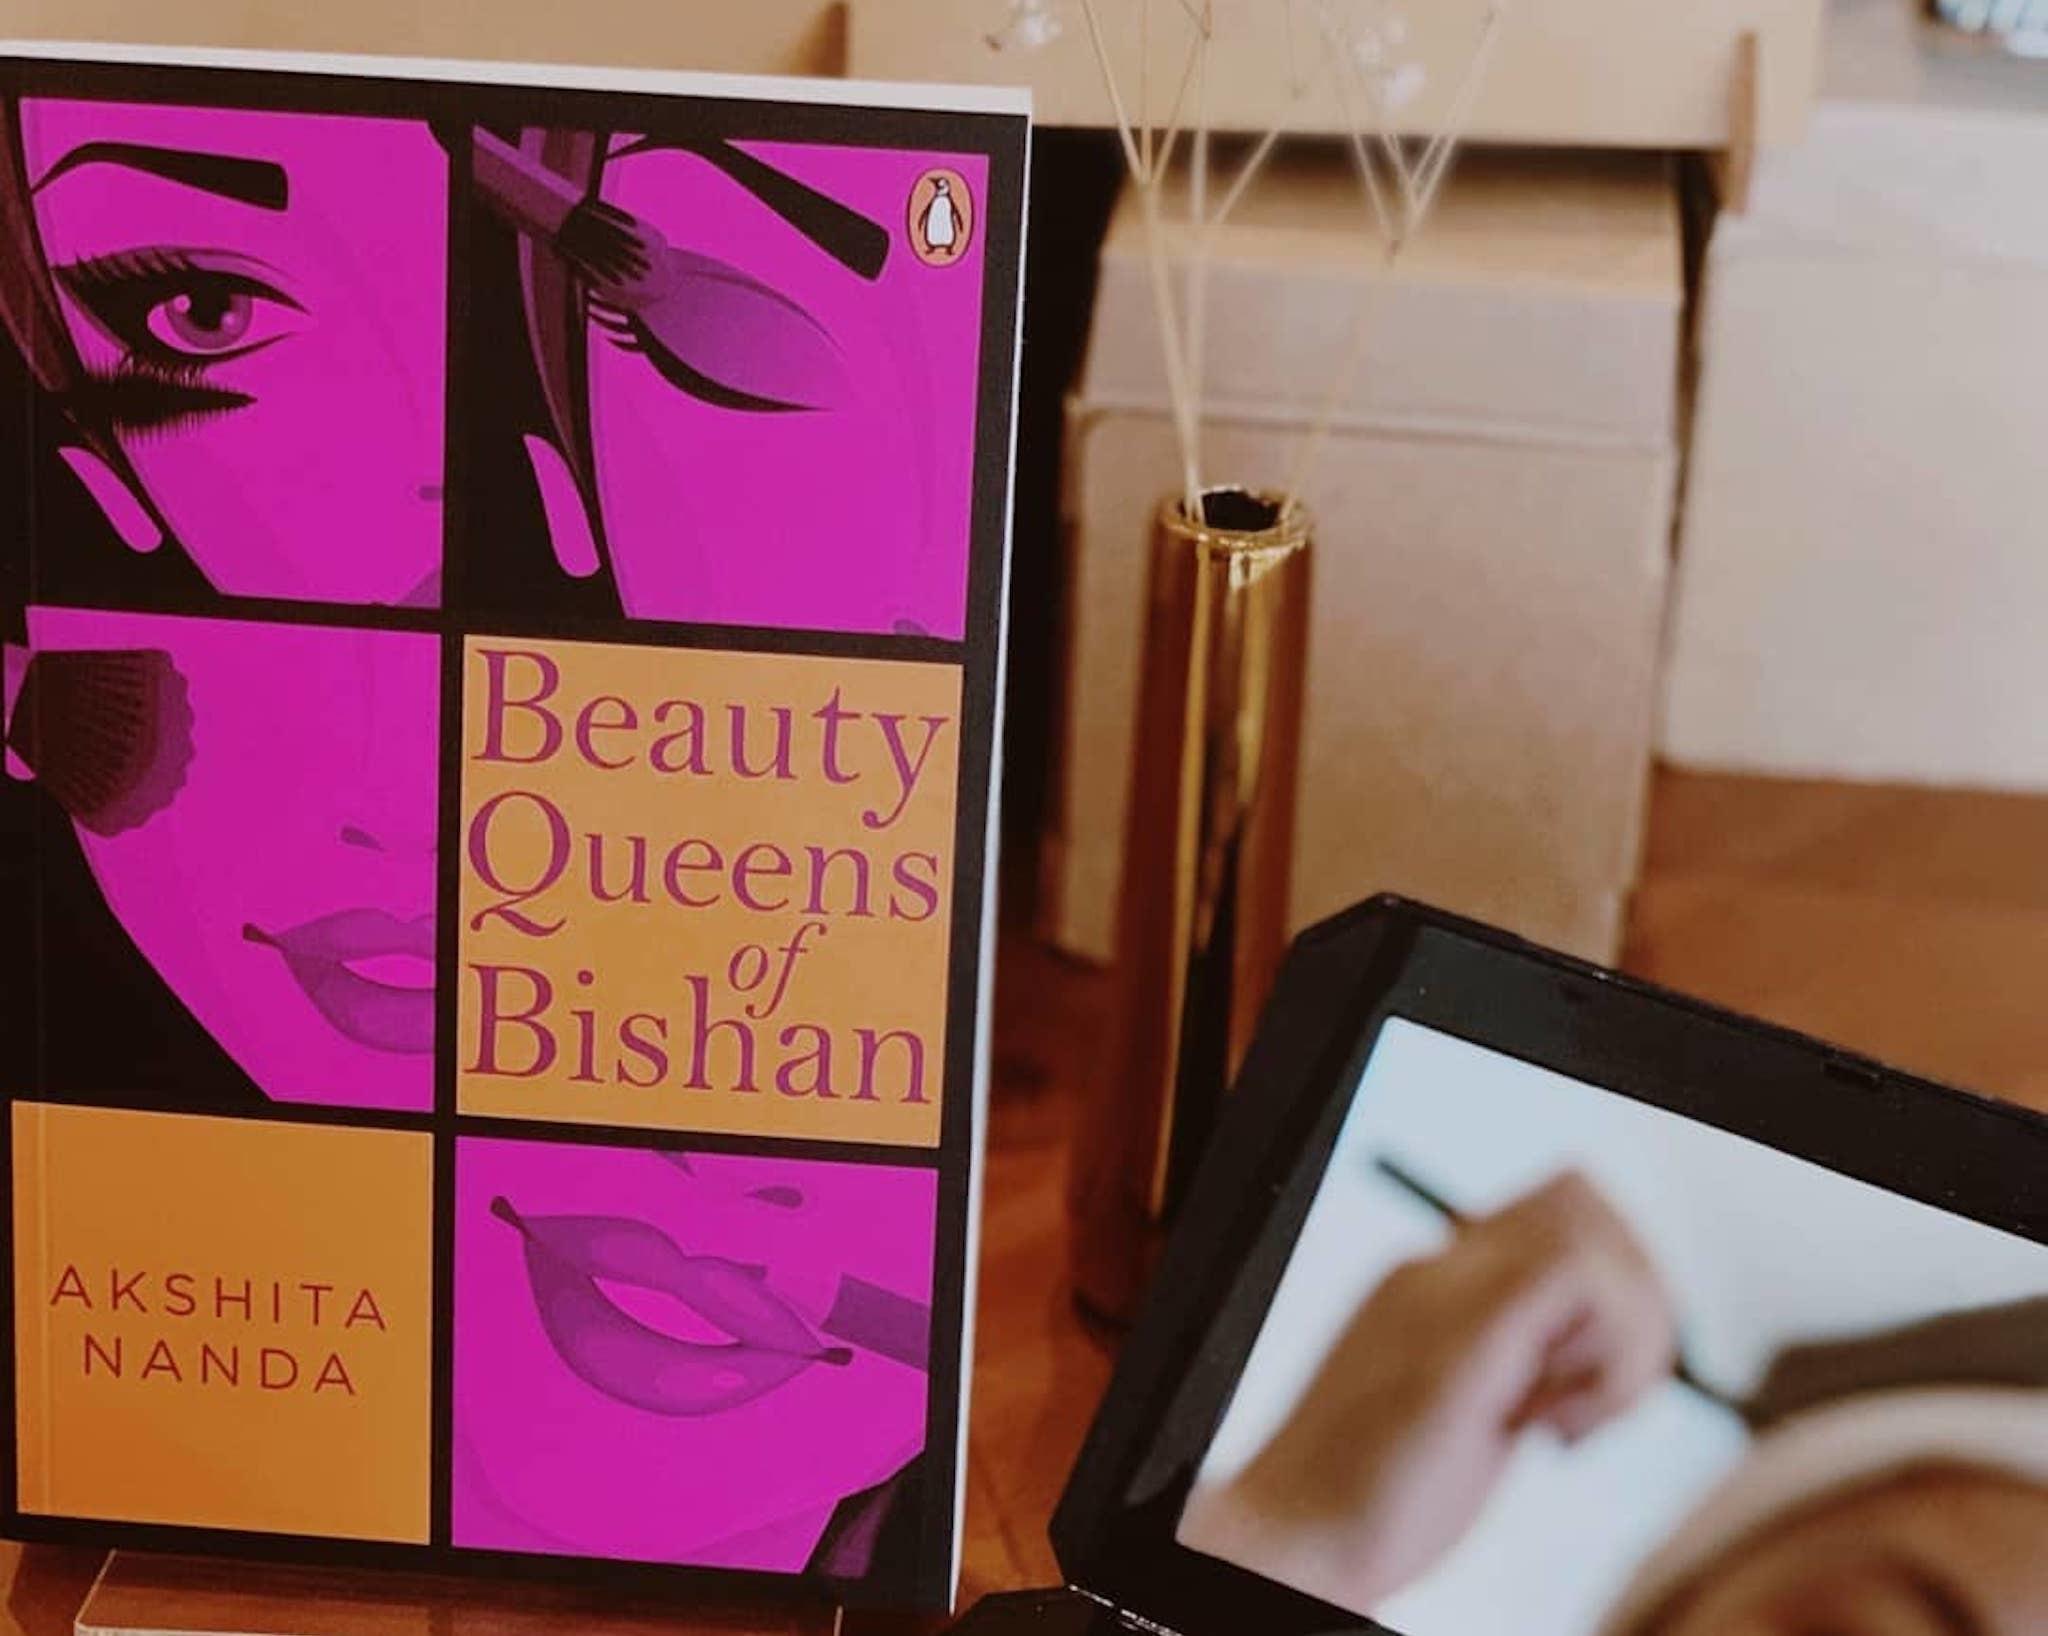 Beauty Queens of Bishan